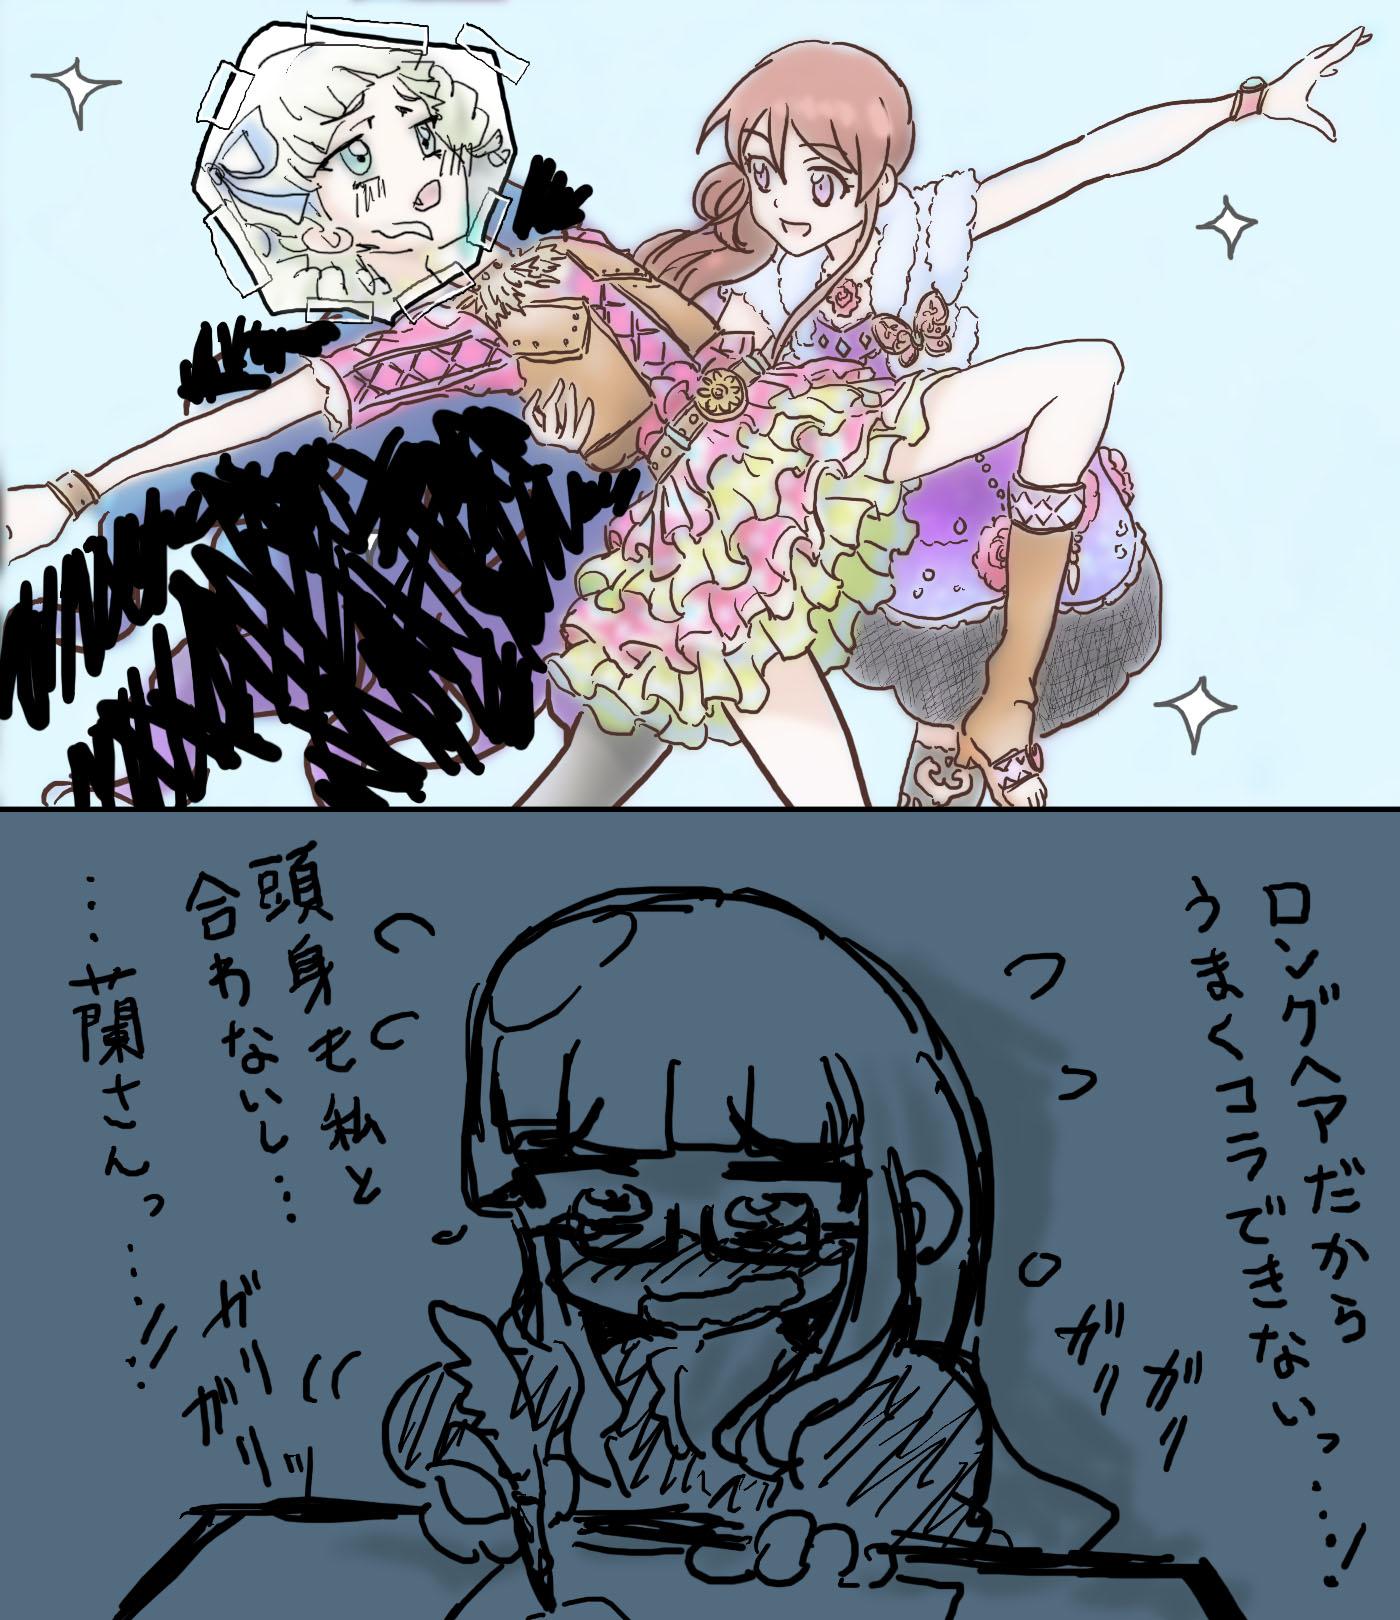 【悲報】アイカツのソシャゲ酷すぎワロタwwwww